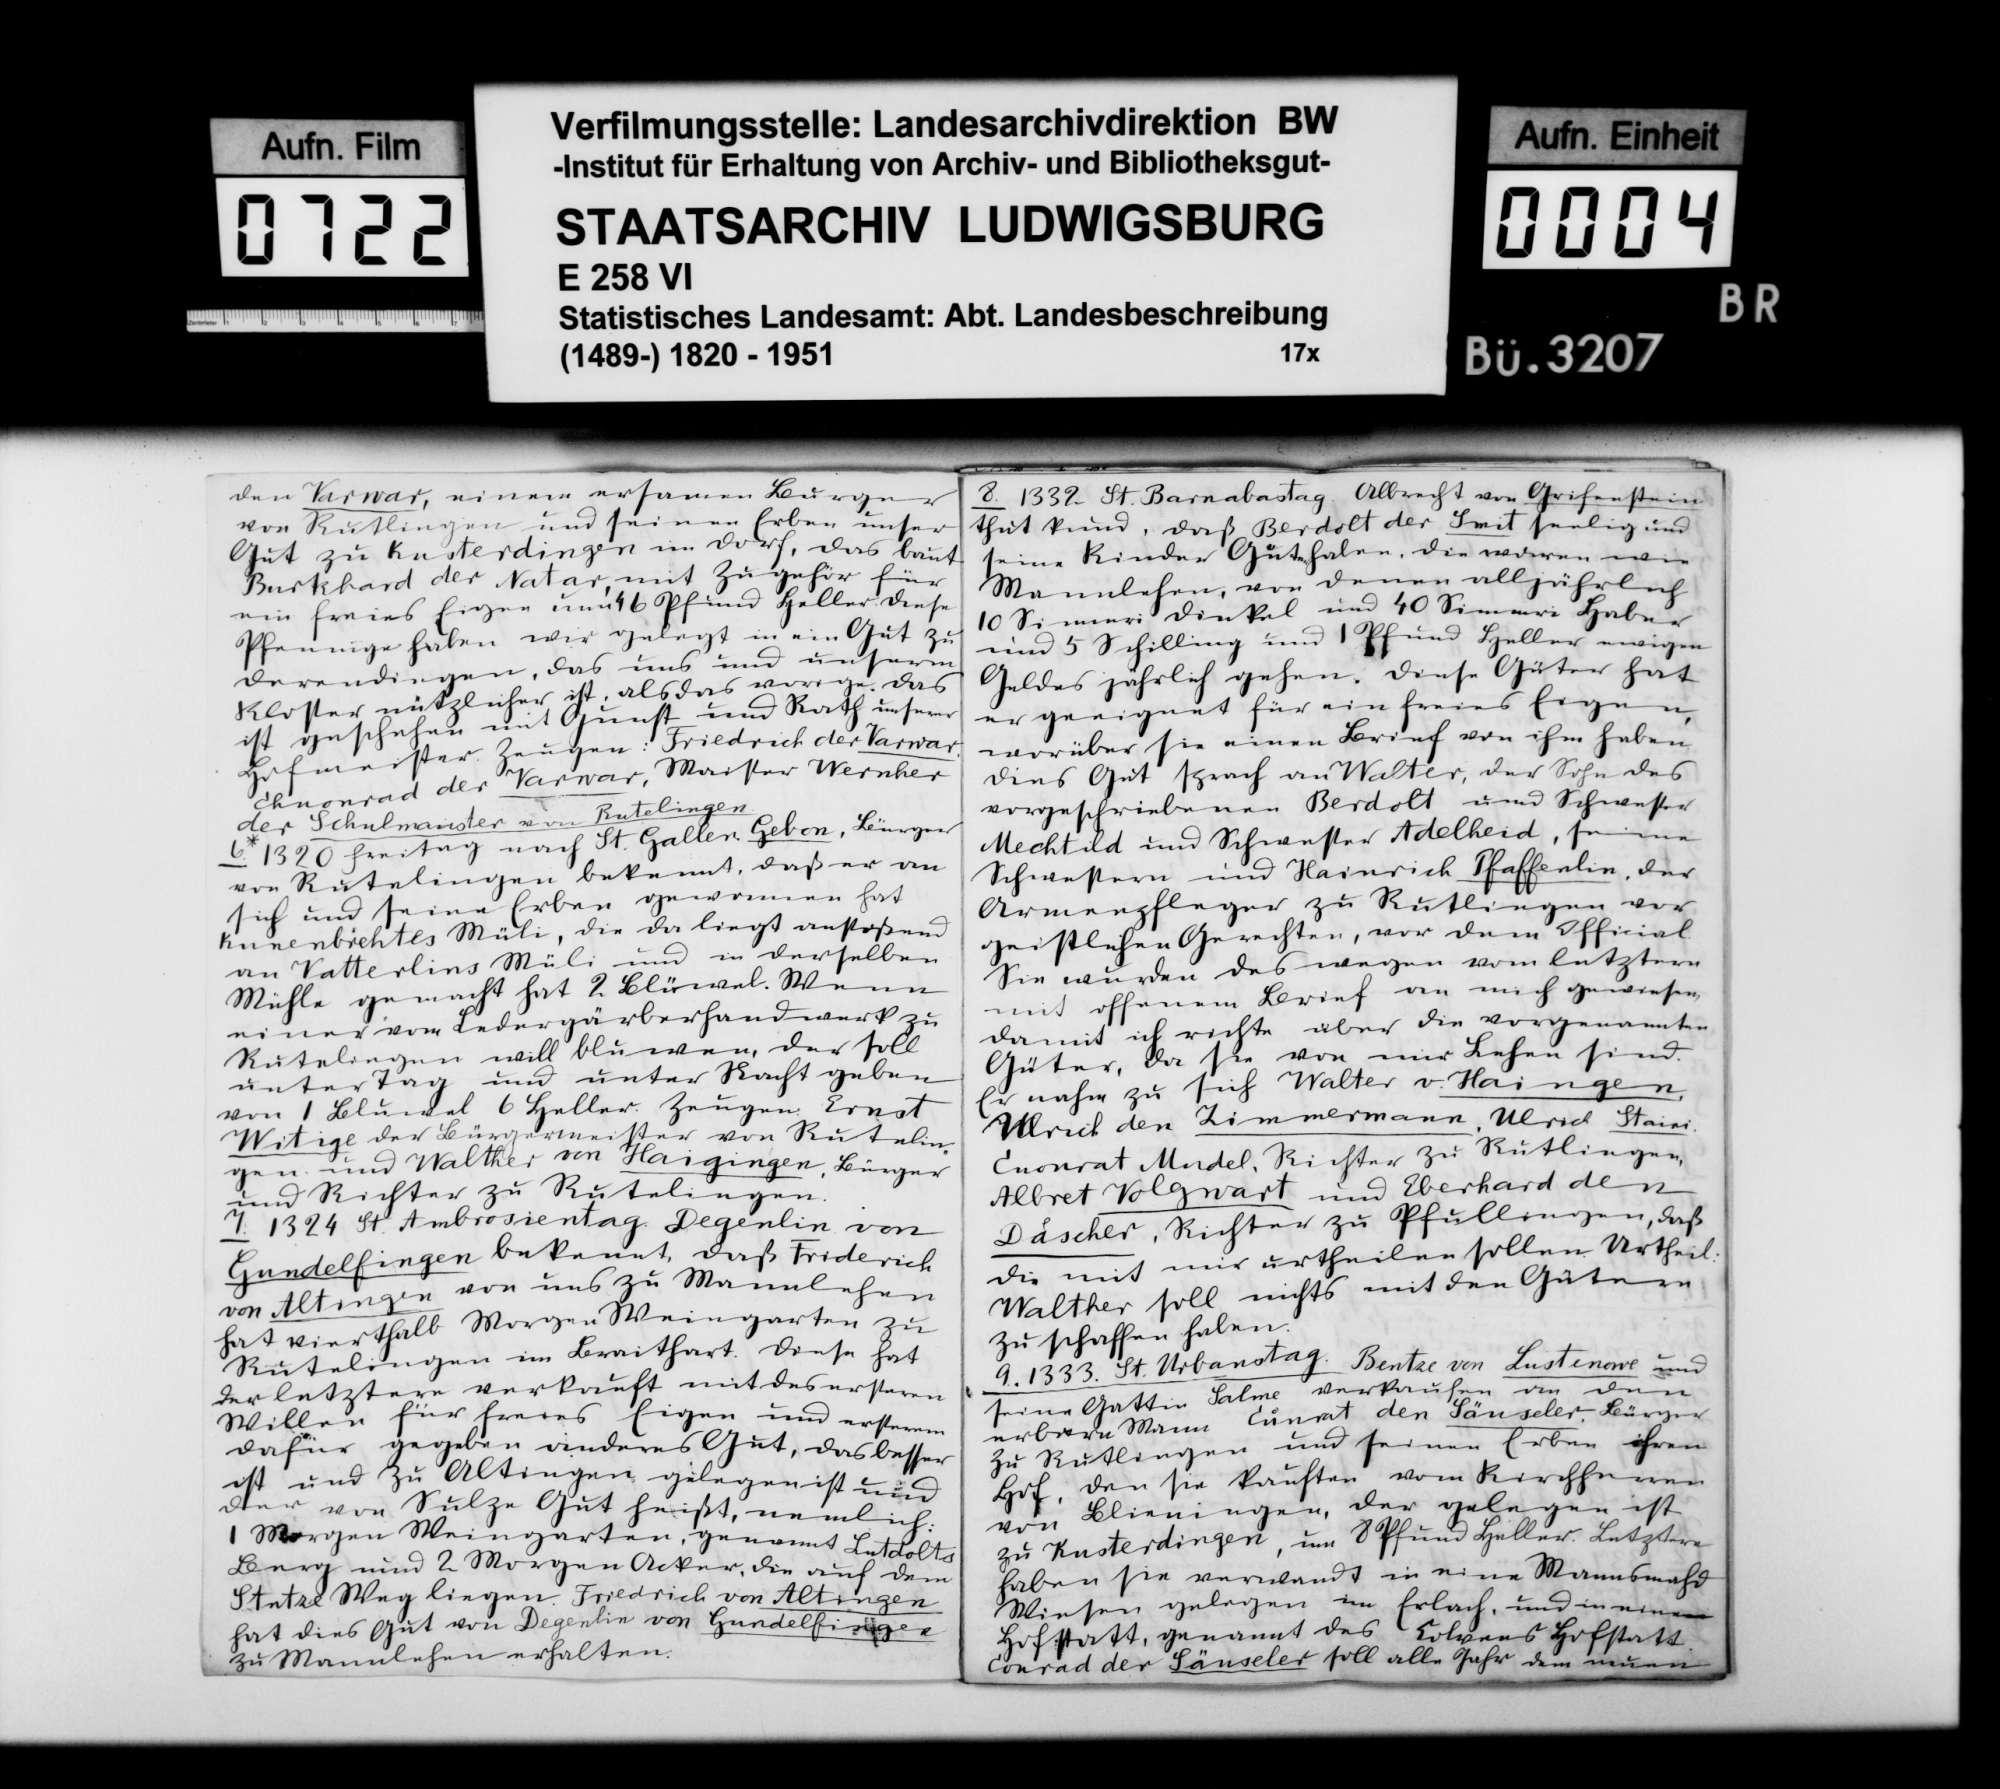 Regesten zur Geschichte von Reutlingen im 15. und 16. Jh., im Reutlinger Stadtarchiv erstellt von dem Stuttgarter Privatgelehrten Theodor Schön, Bild 3